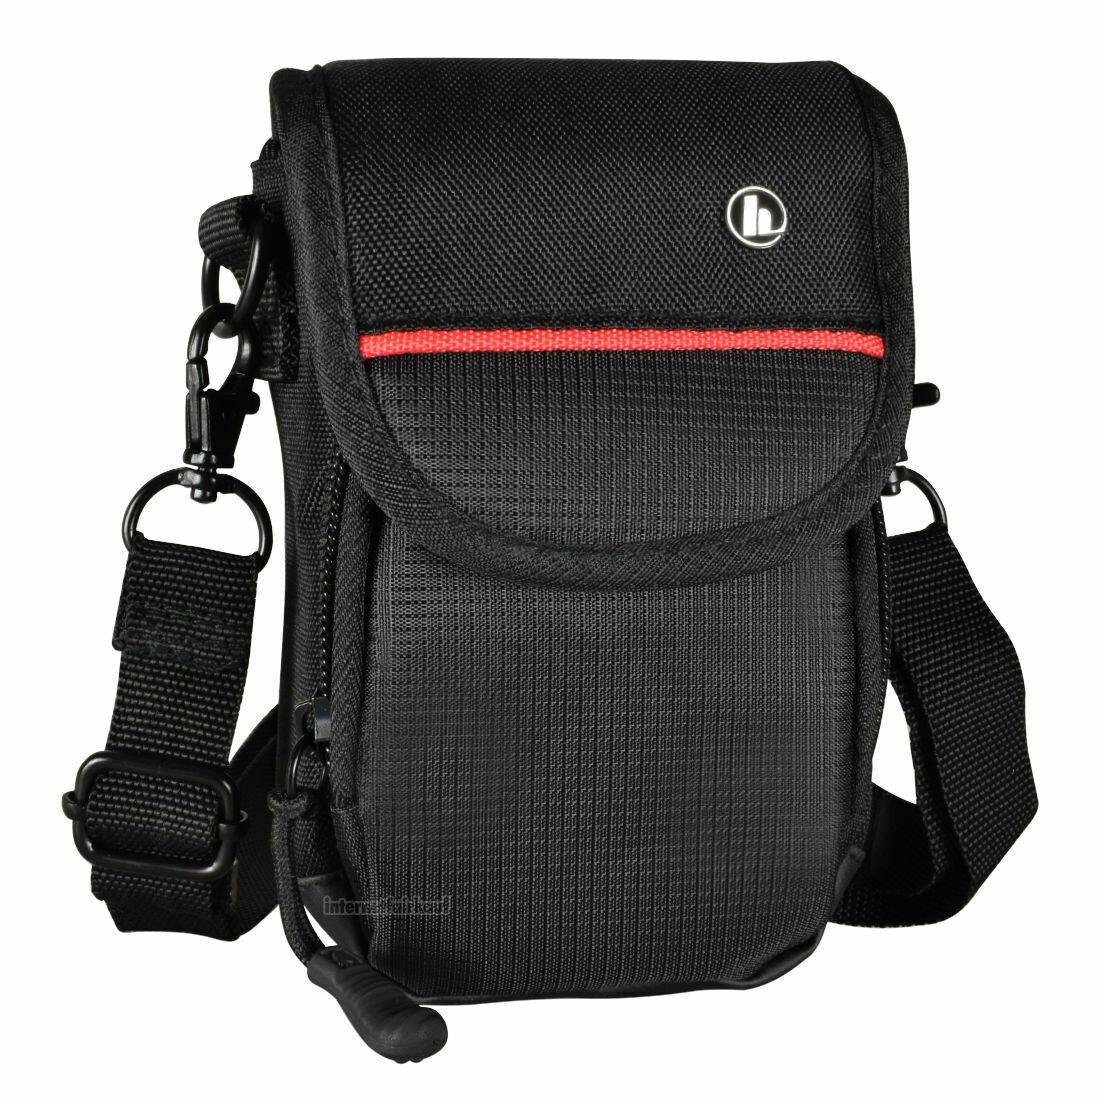 Kameratasche passend für Sony ZV-1 - Fototasche